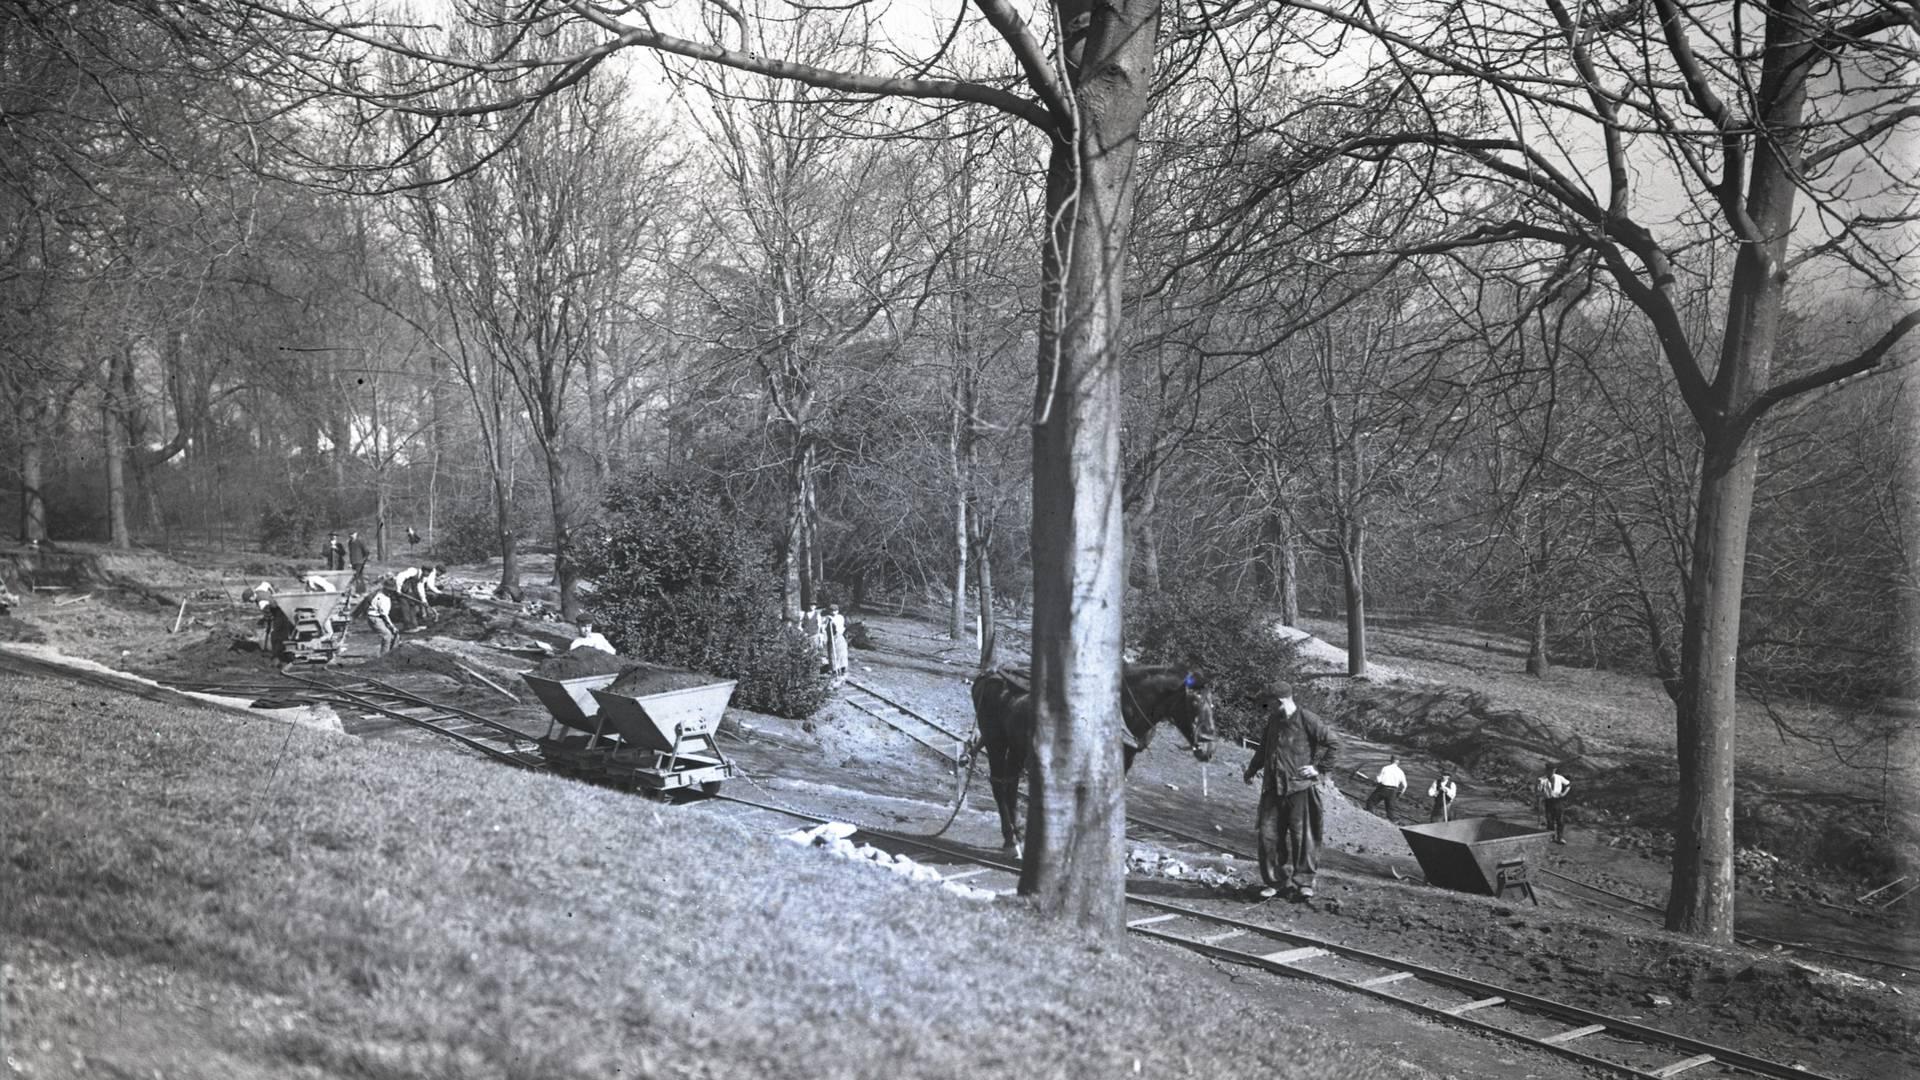 Travaux d'aménagement du parc de la Verrerie, Le Creusot. © CUCM, document Écomusée, reproduction D. Busseuil.